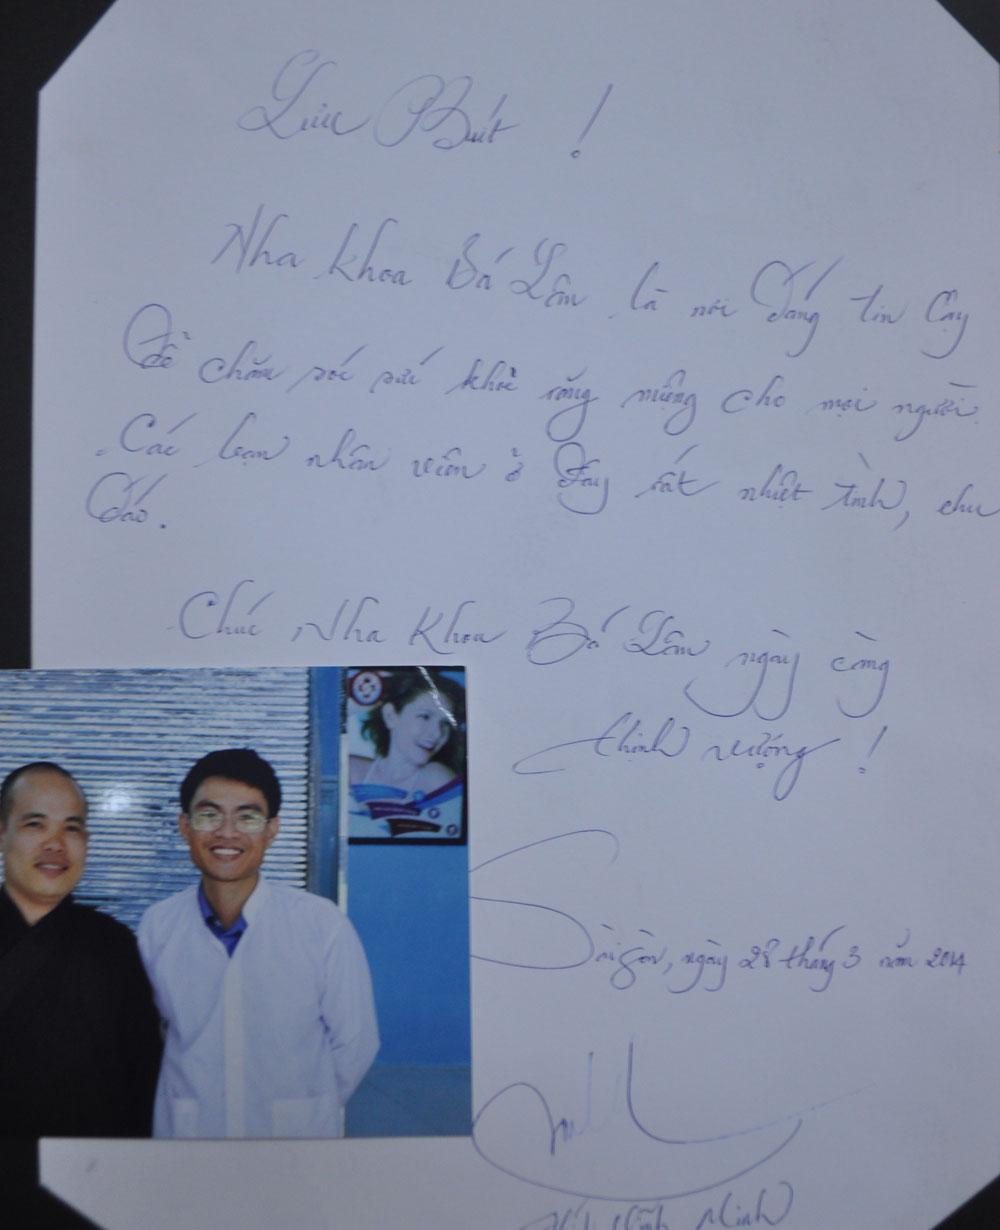 http://nhakhoa126.com/hinhanh/Luu_but/nha-khoa-ba-lan-luu-but-thich-vinh-minh01.jpg